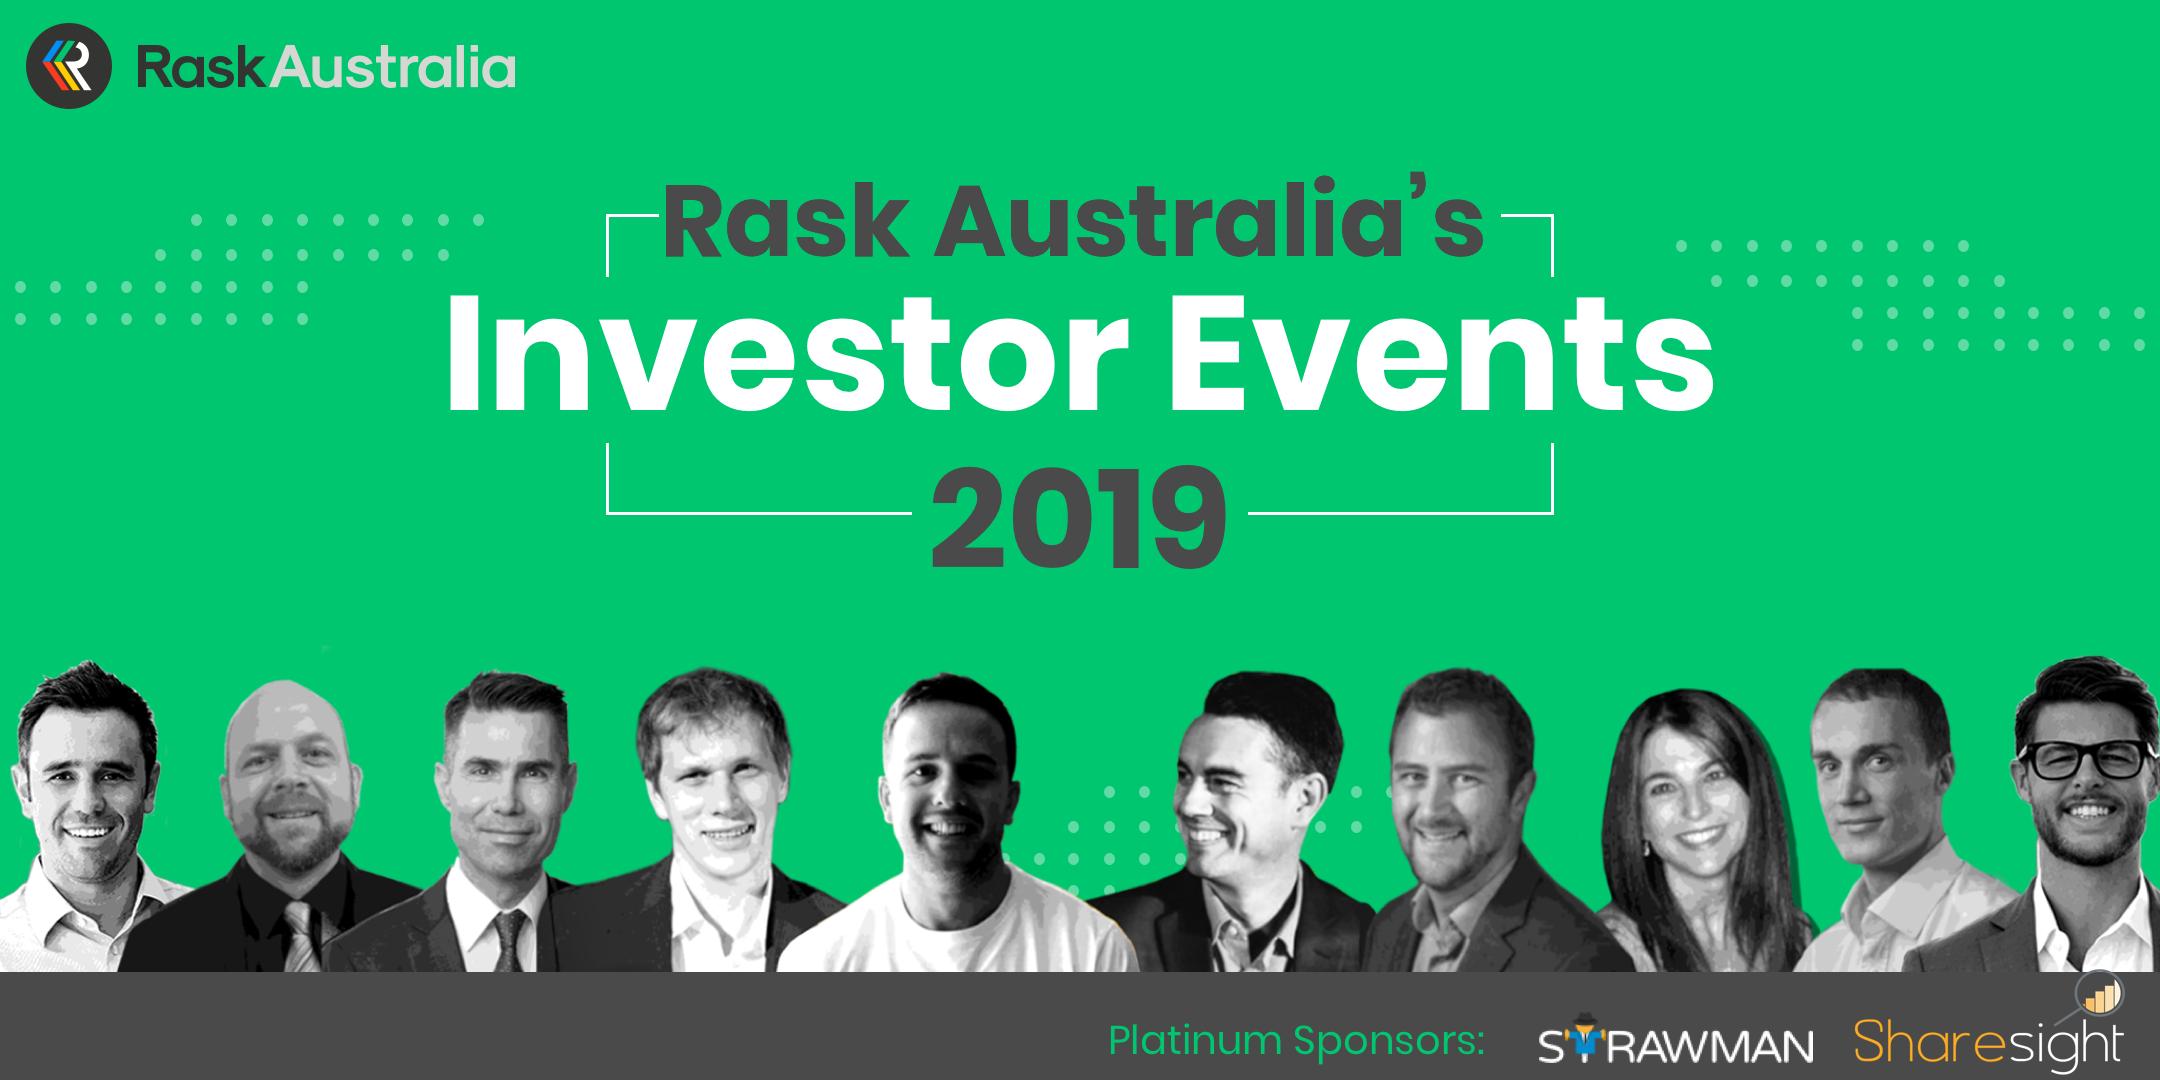 rask australia investor event banner